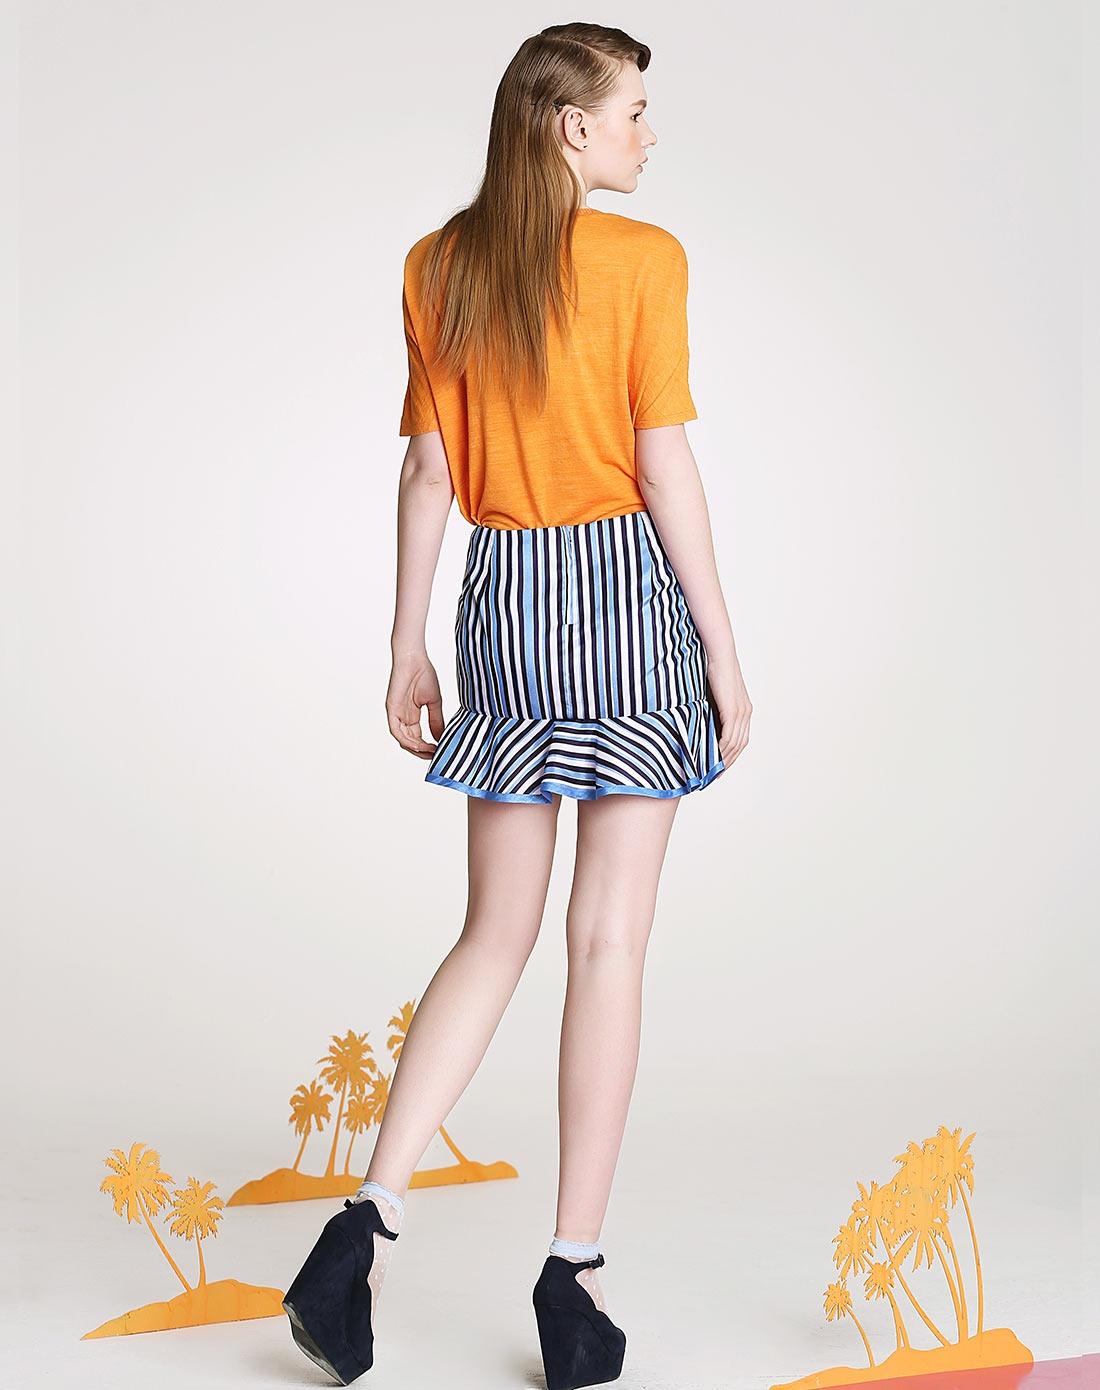 海蓝丝条纹印花包臀半裙